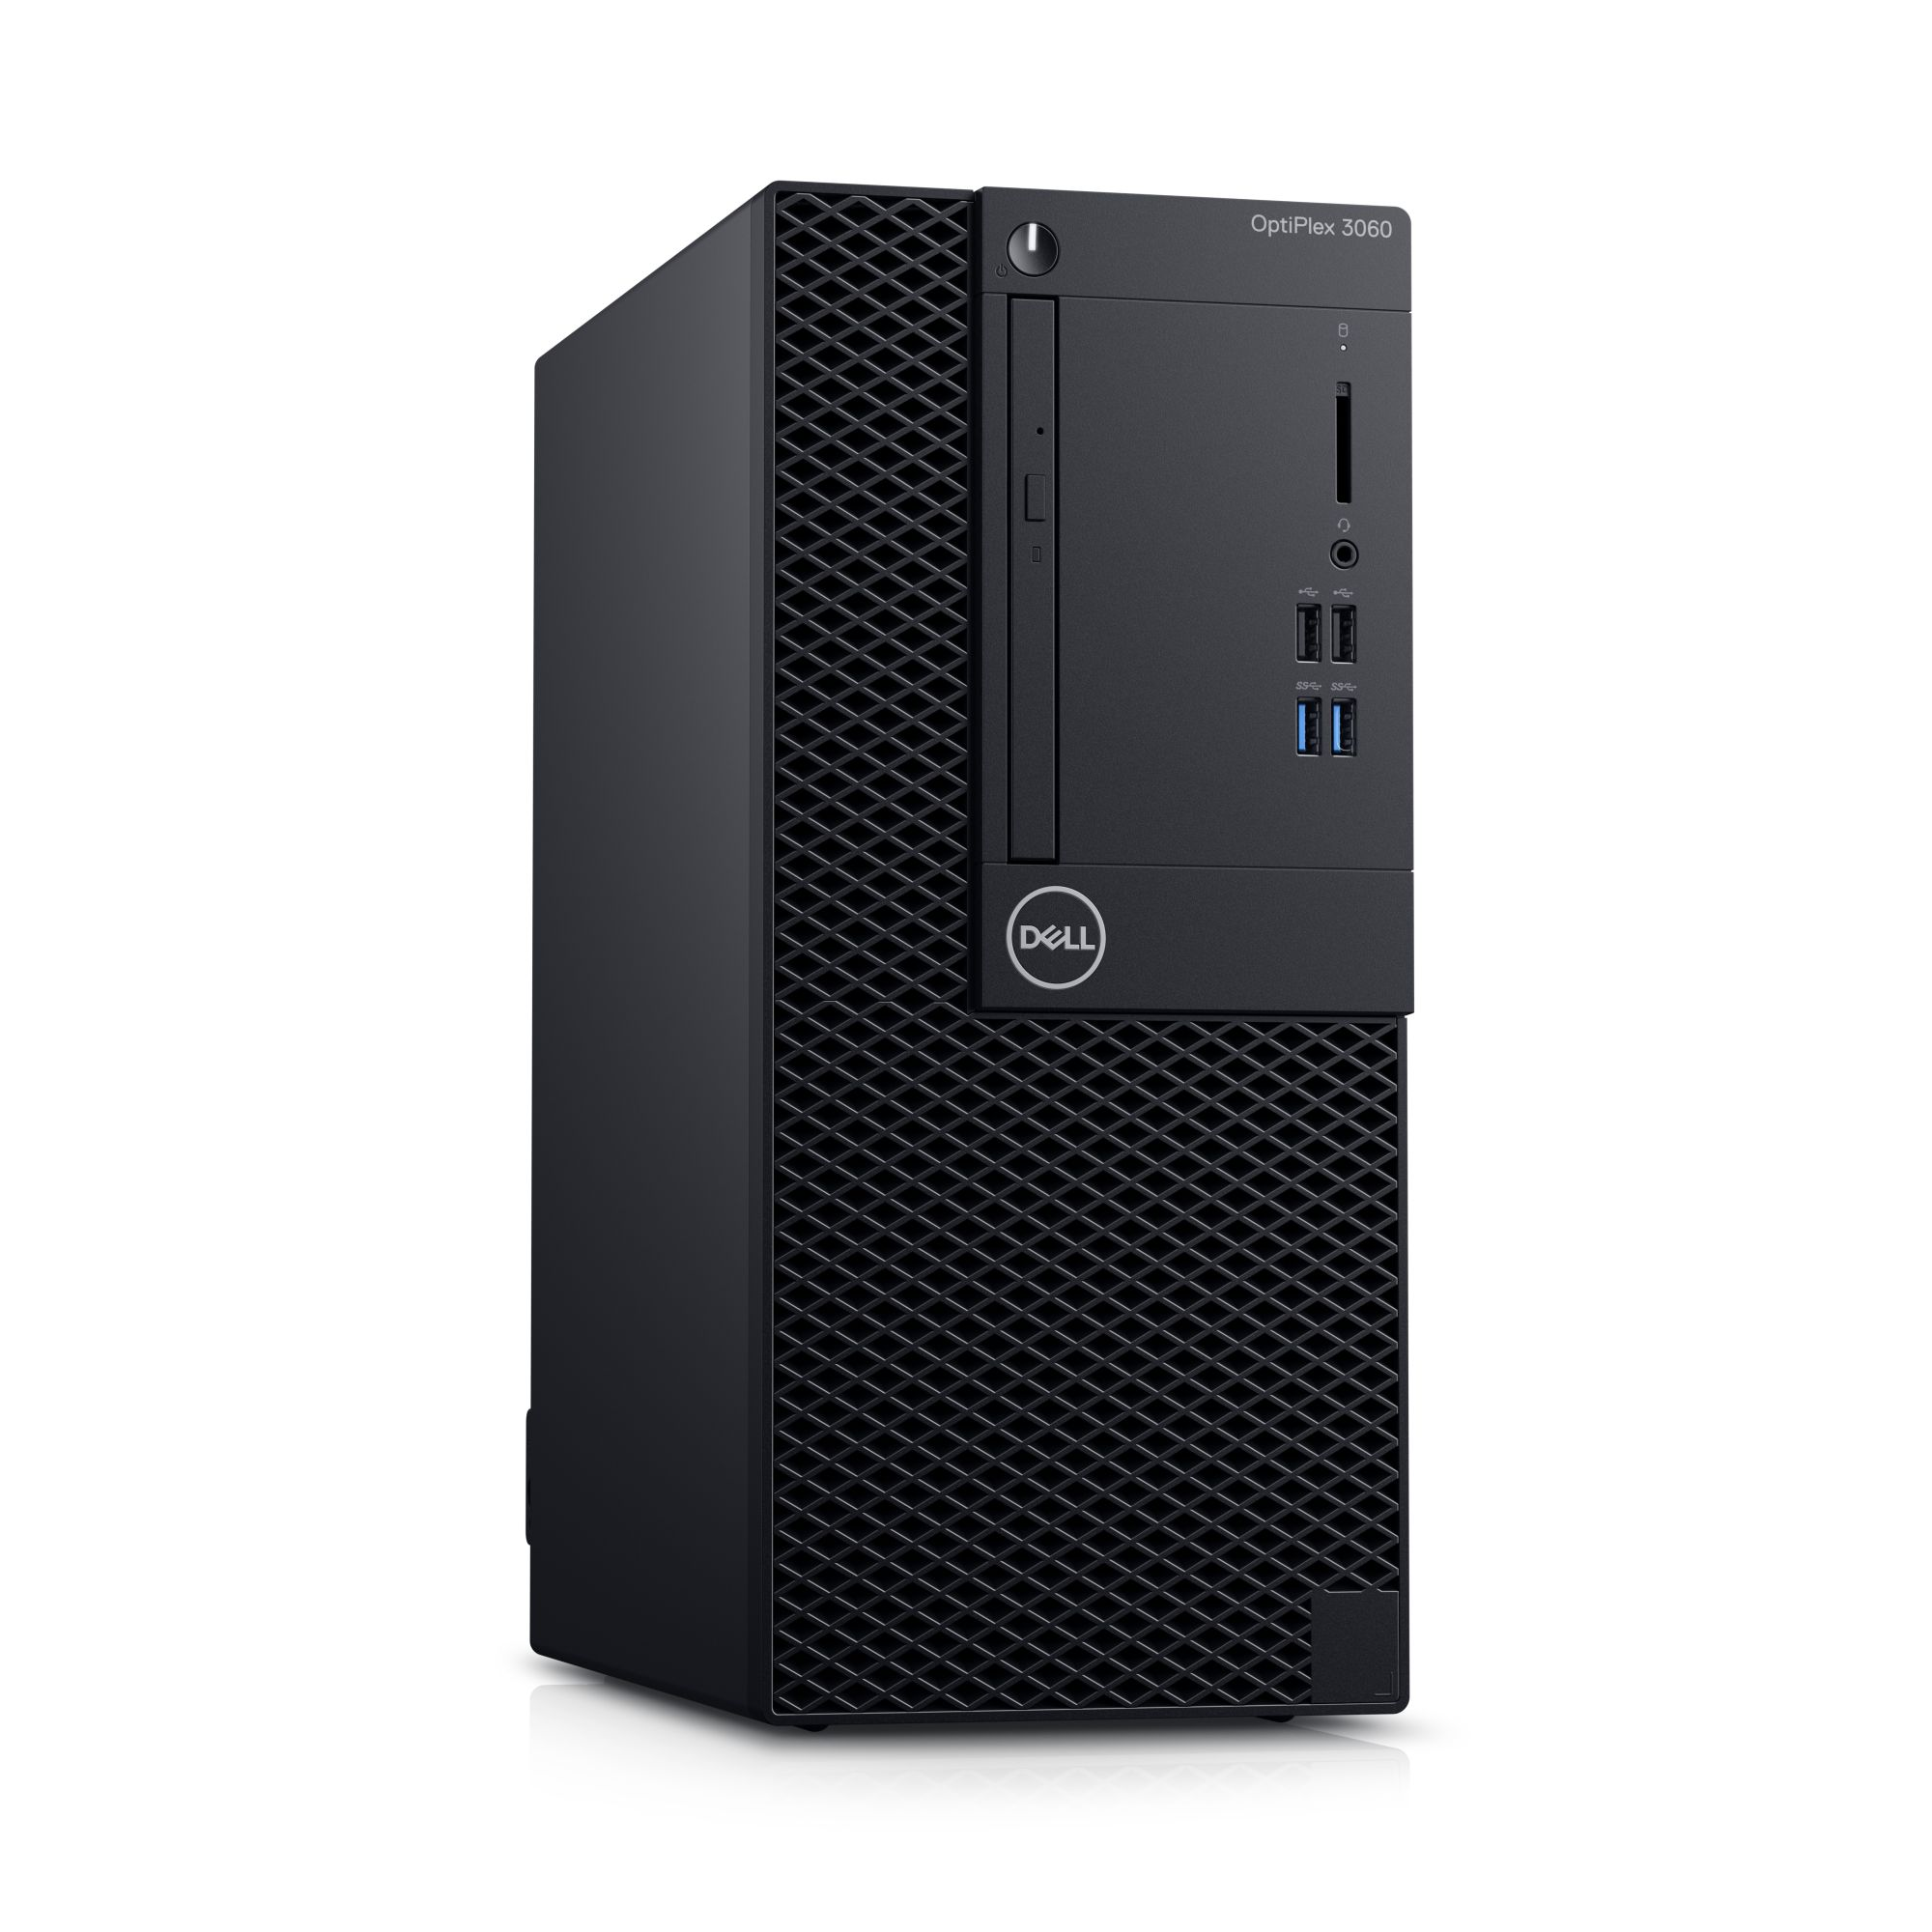 DELL OptiPlex MT 3060/Core i3-8100/4GB/1TB/Intel UHD/DVD-RW/Win 10 Pro 64bit/3Yr NBD